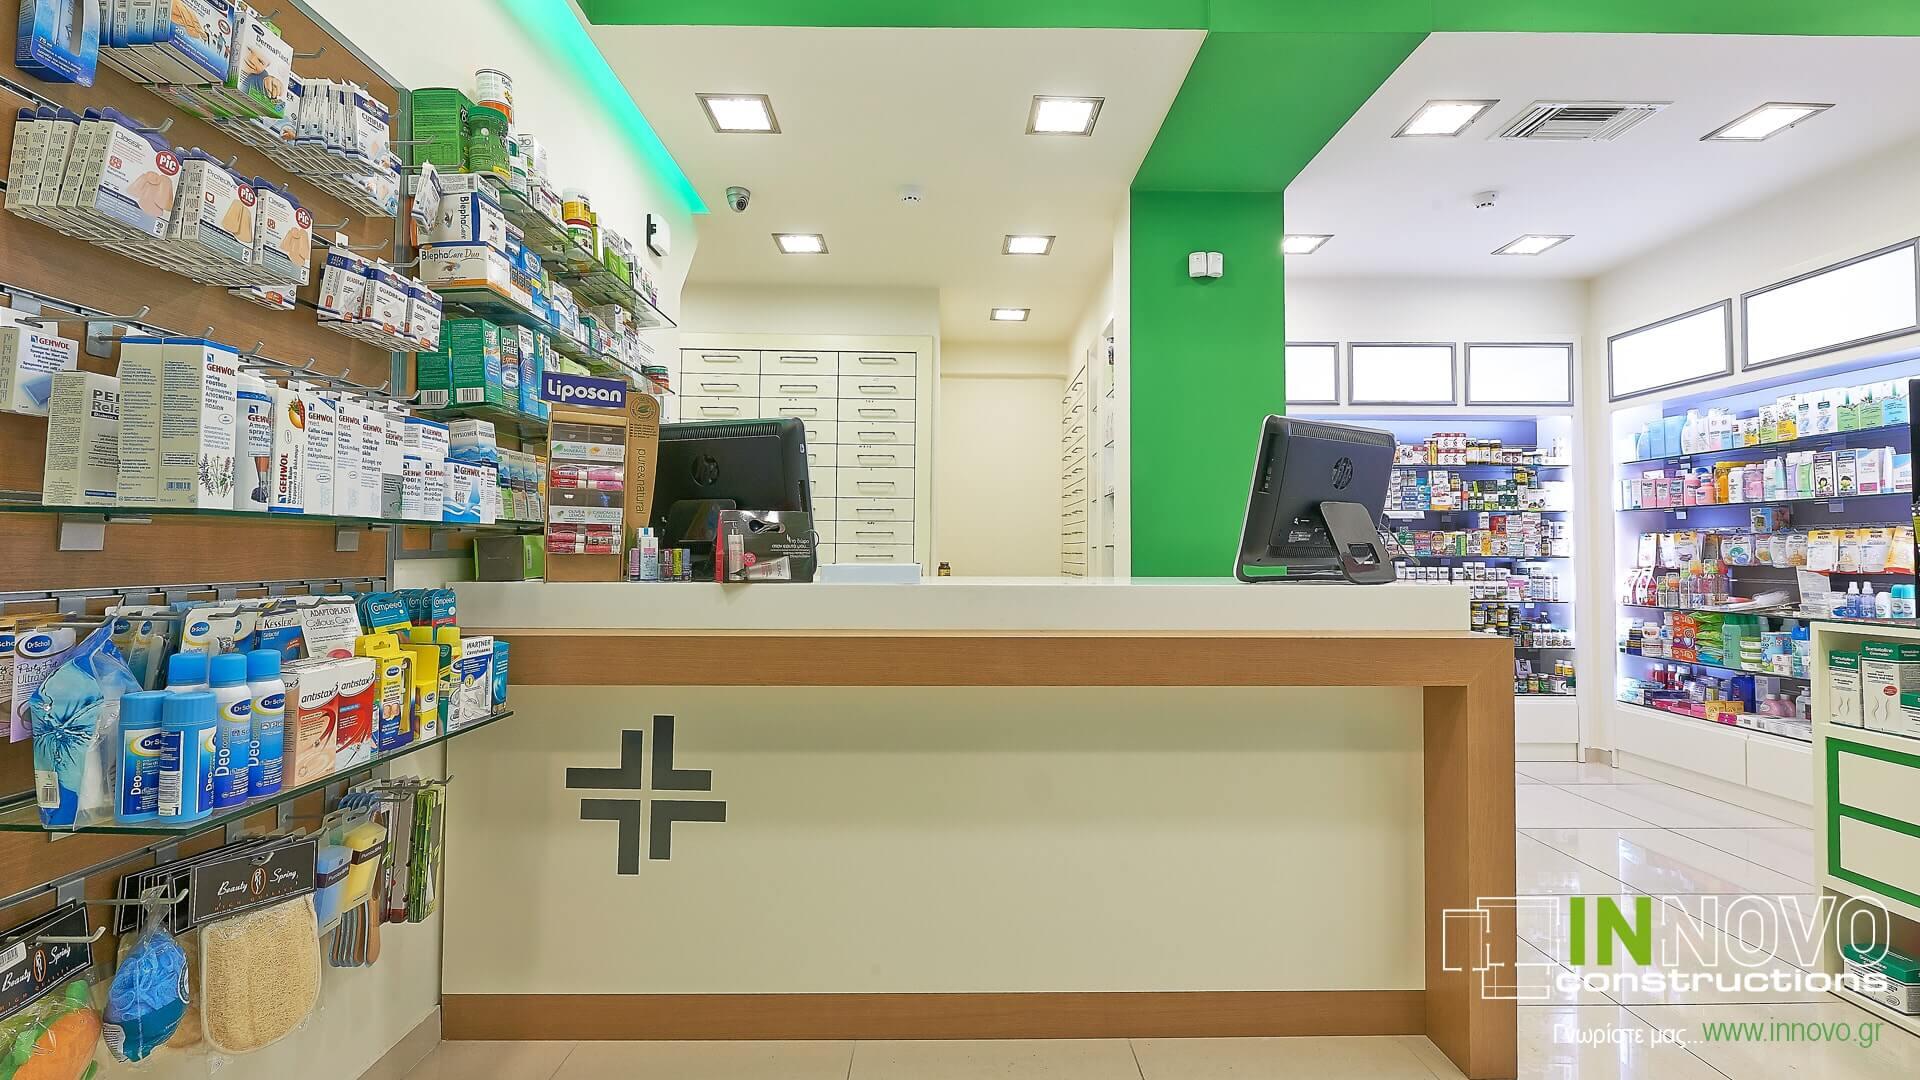 Πάγκος Ταμείου R-Kiniska Φαρμακείο Κολωνάκι